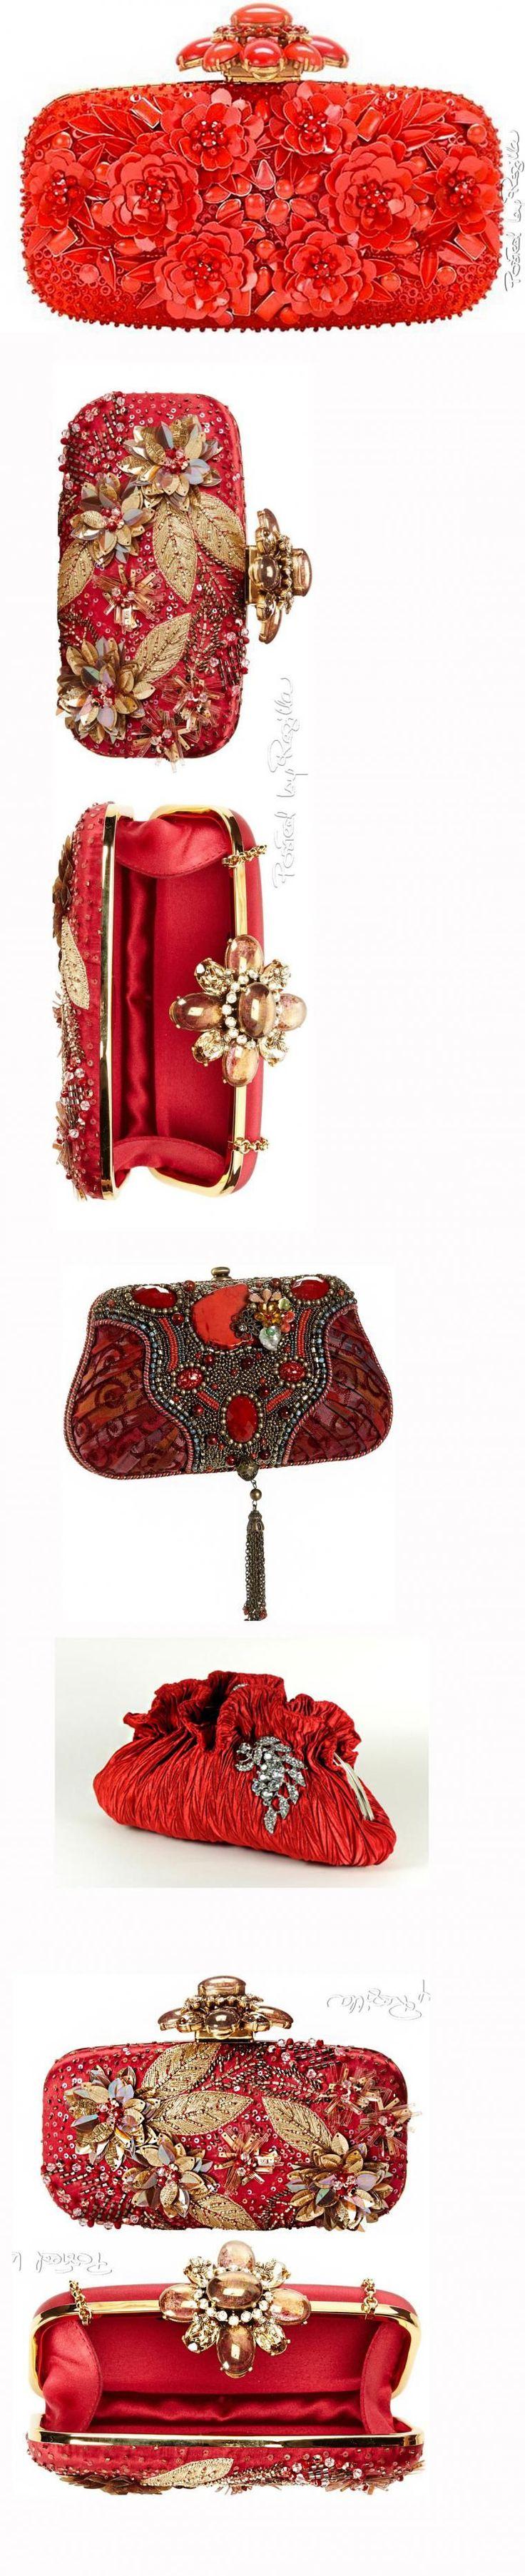 Хочу предложить вашему вниманию большую подборку умопомрачительно красивых сумочек-клатчей — в самых разных техниках исполнения: тут и вышитые бисером сумочки, и декорированные лентами, и расшитые стразами, и в виде зверюшек, и украшенные цветами из ткани, и с цветами из пайеток. Кажется, нет такого вида декора, который не использовали бы дизайнеры для этих сумочек.